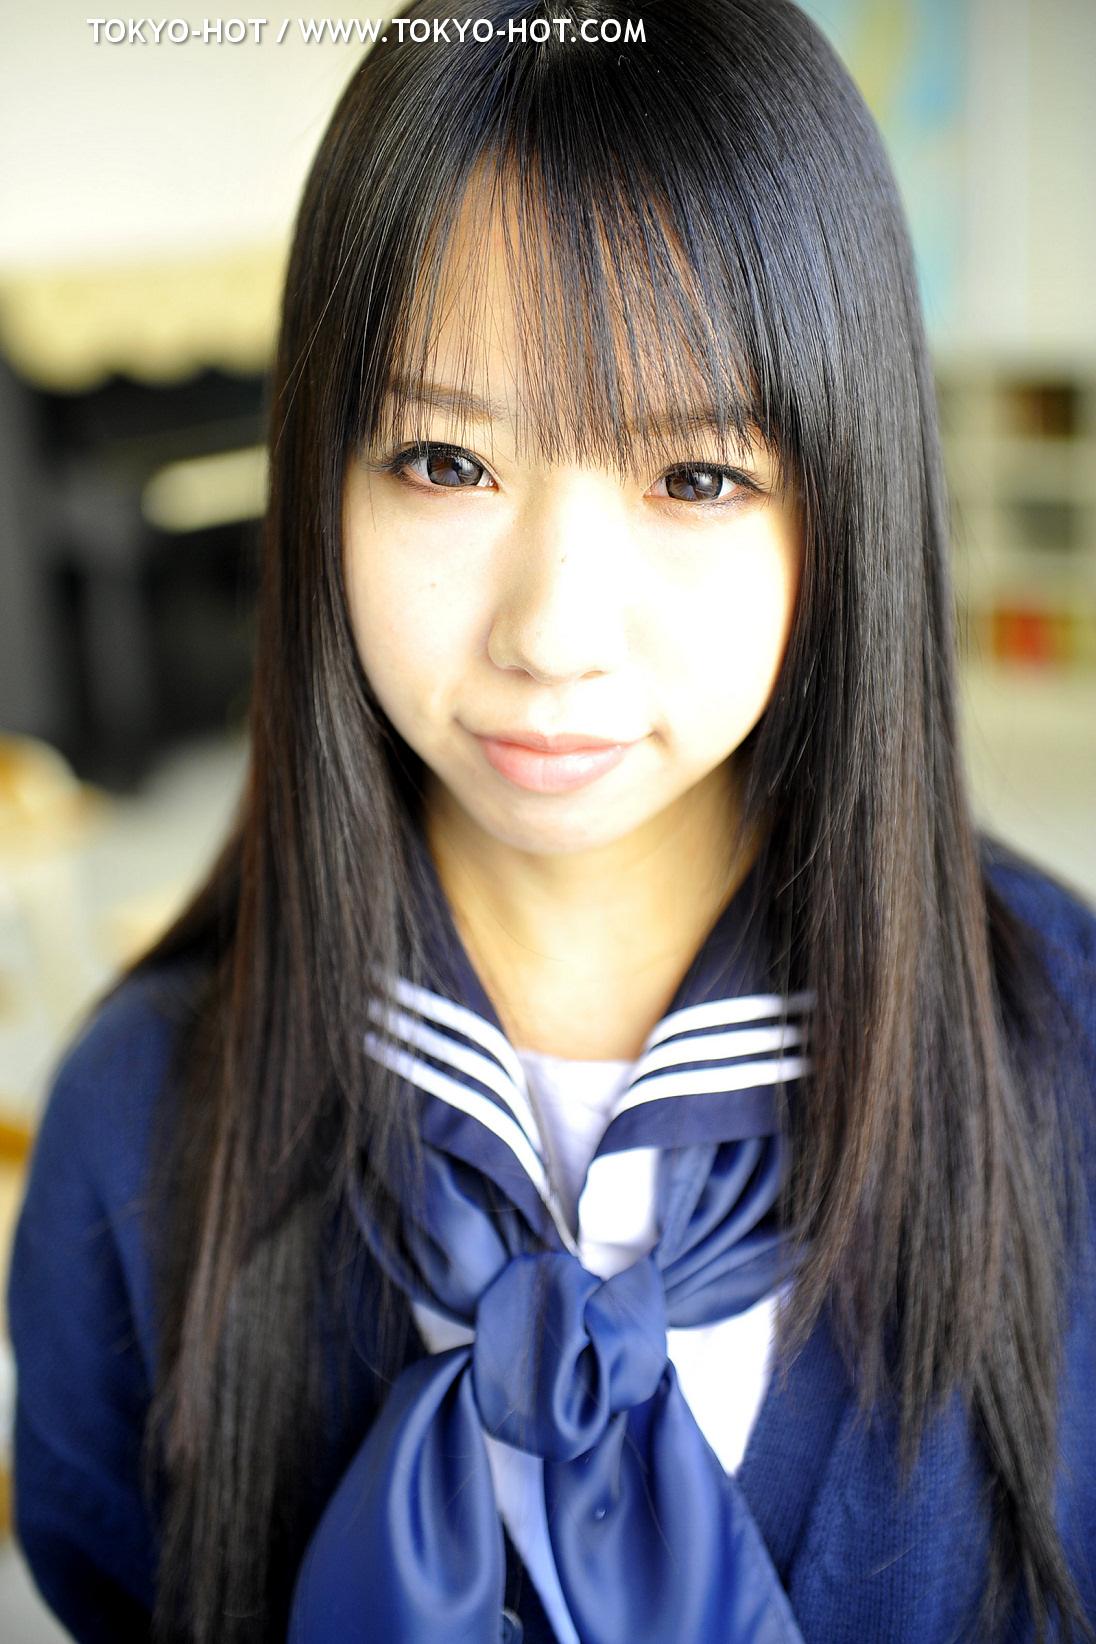 Tokyo-Hot > [Tokyo-Hot] e536 姬乃杏樹 Anju Himeno [1151P/589MB]